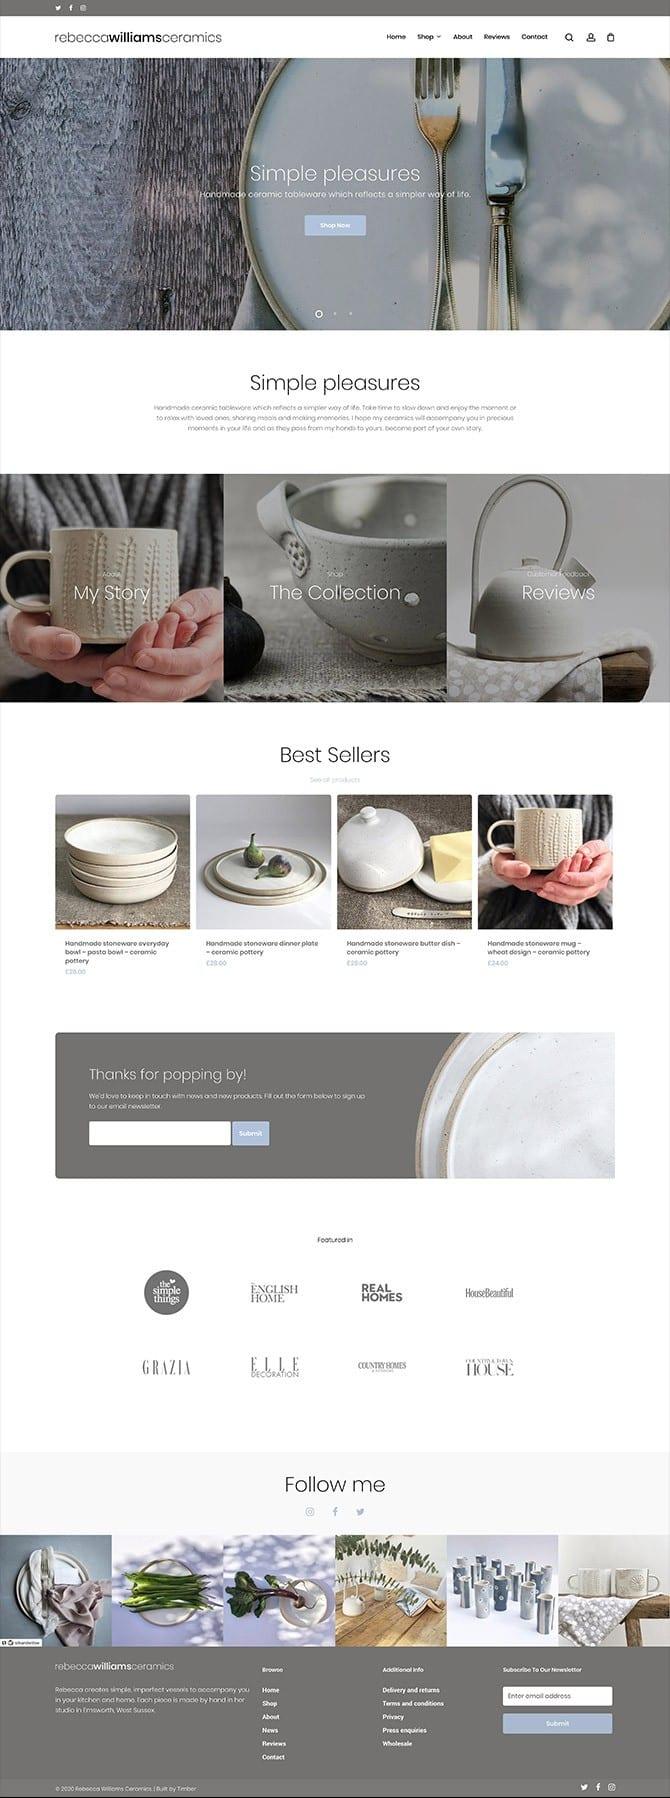 Rebecca Williams Ceramics Website